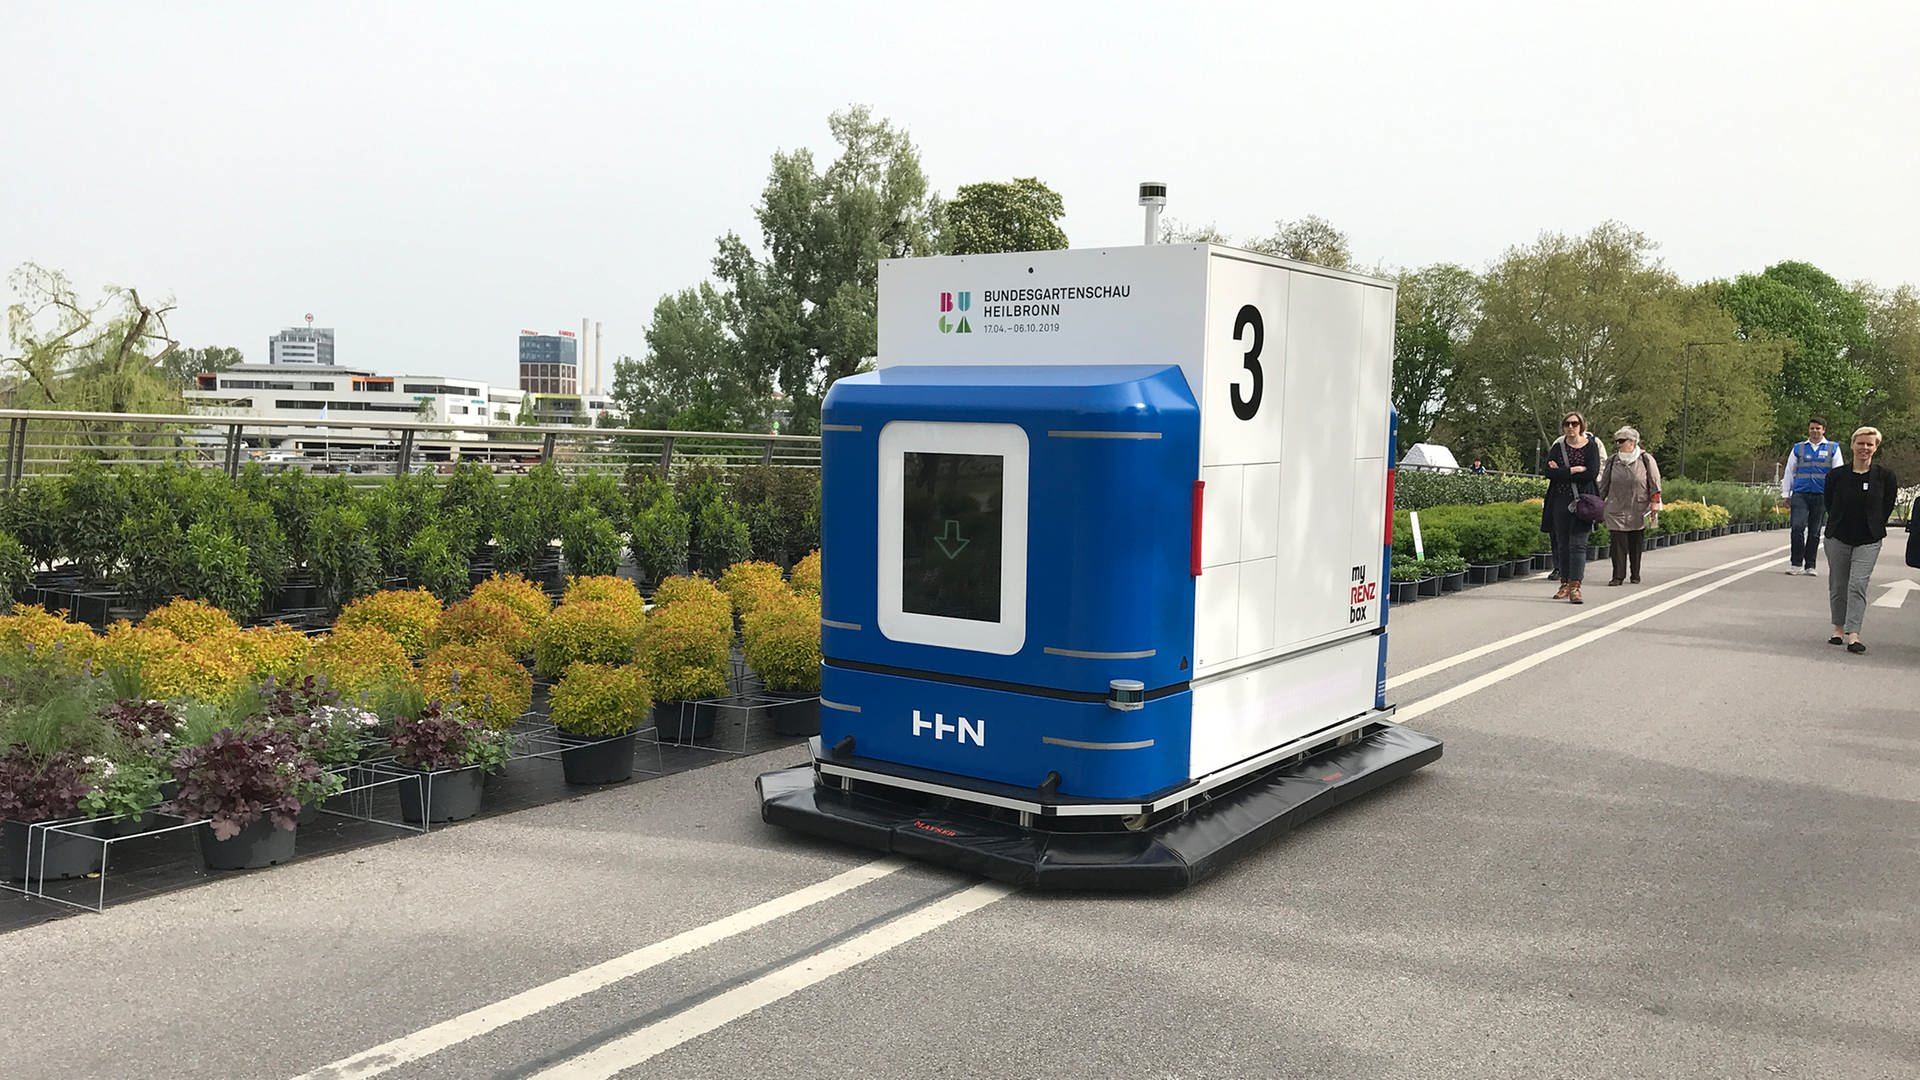 Autonomer Transporter Modellprojekt für automatischen Warentransport auf der Buga in Heilbronn Buga:Log